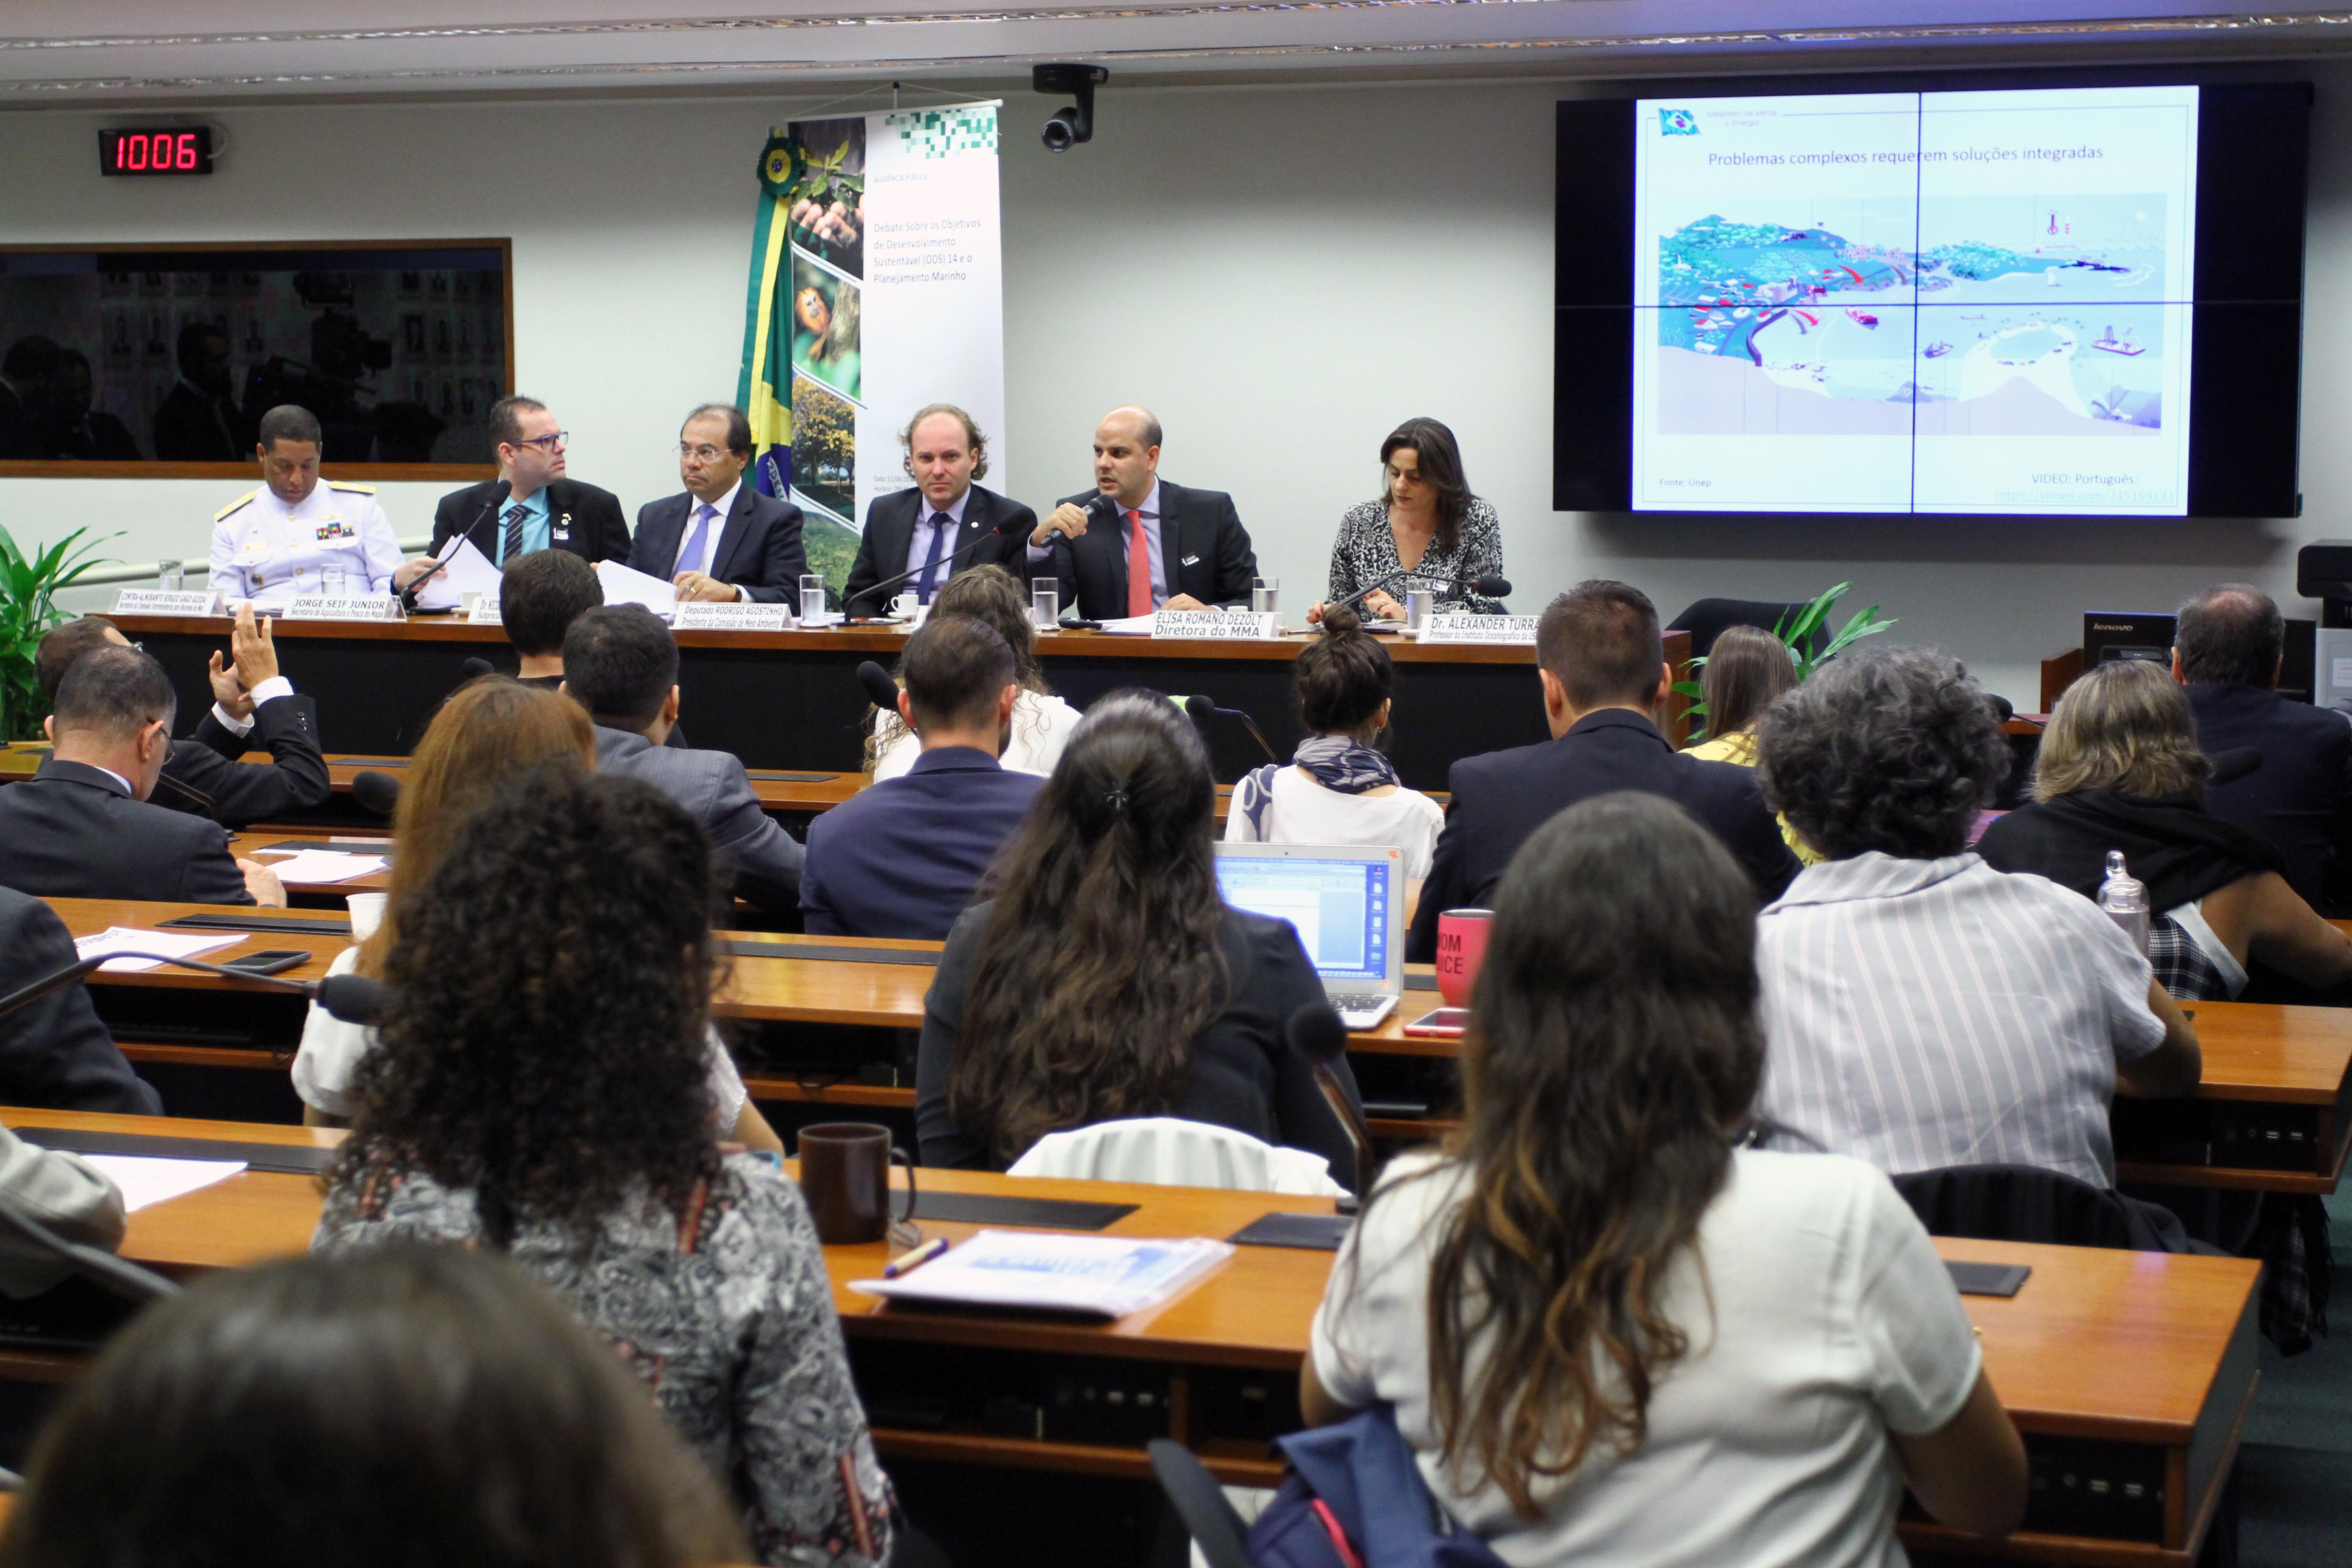 Audiência pública sobre os objetivos de desenvolvimento sustentável (ODS) 14 e o planejamento espacial Marinho